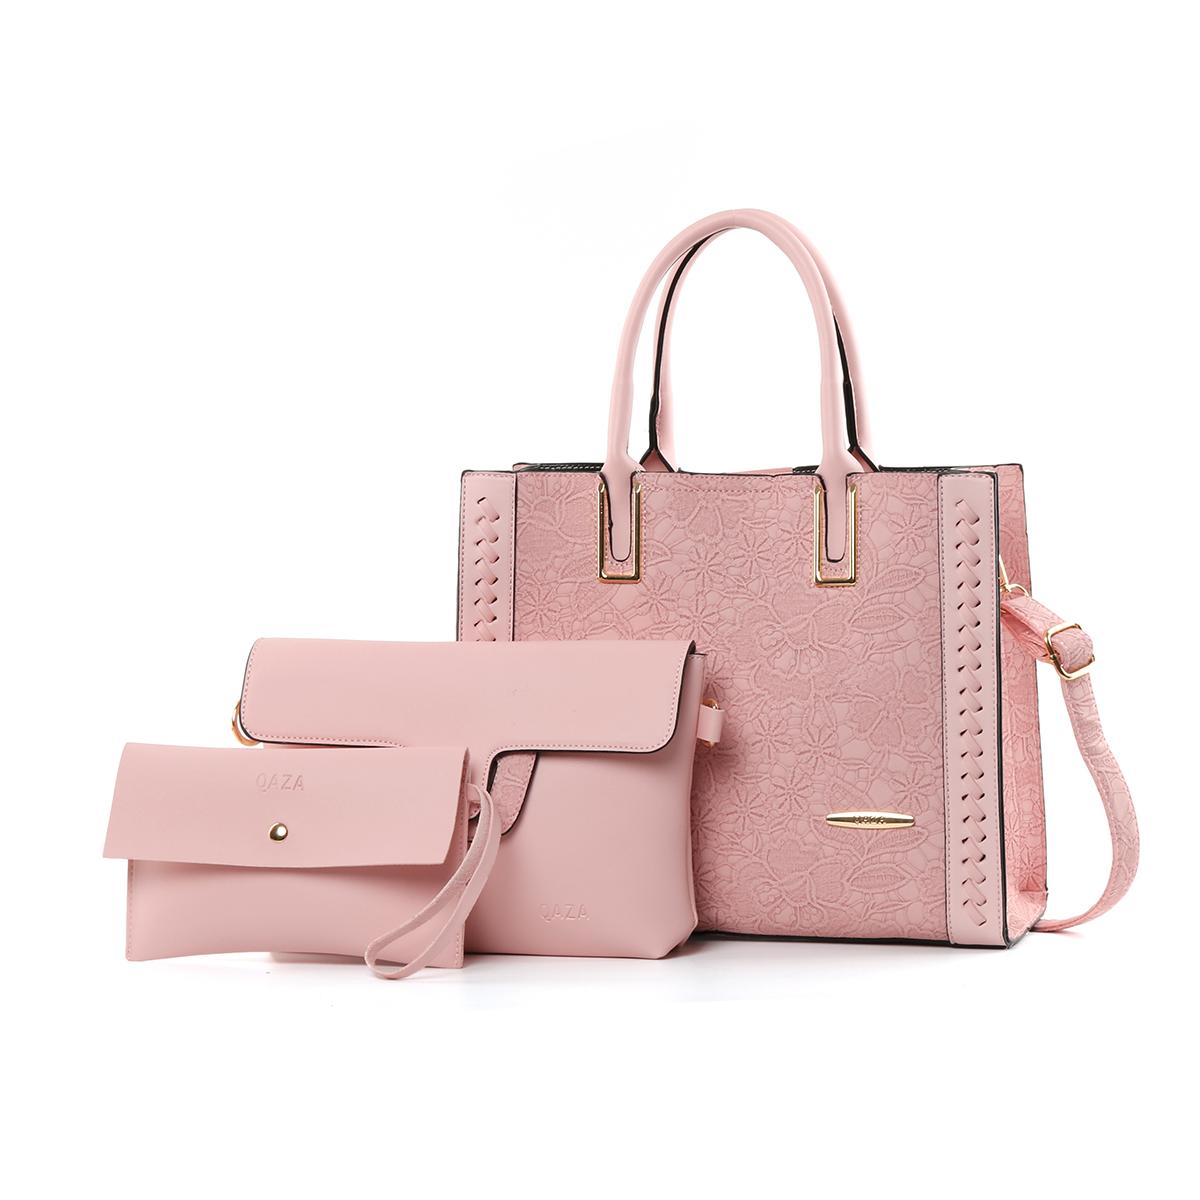 ZR95Z Гуанчжоу, Новое поступление, сумки, оптовый рынок, комплект женских сумок из искусственной кожи 3 в 1